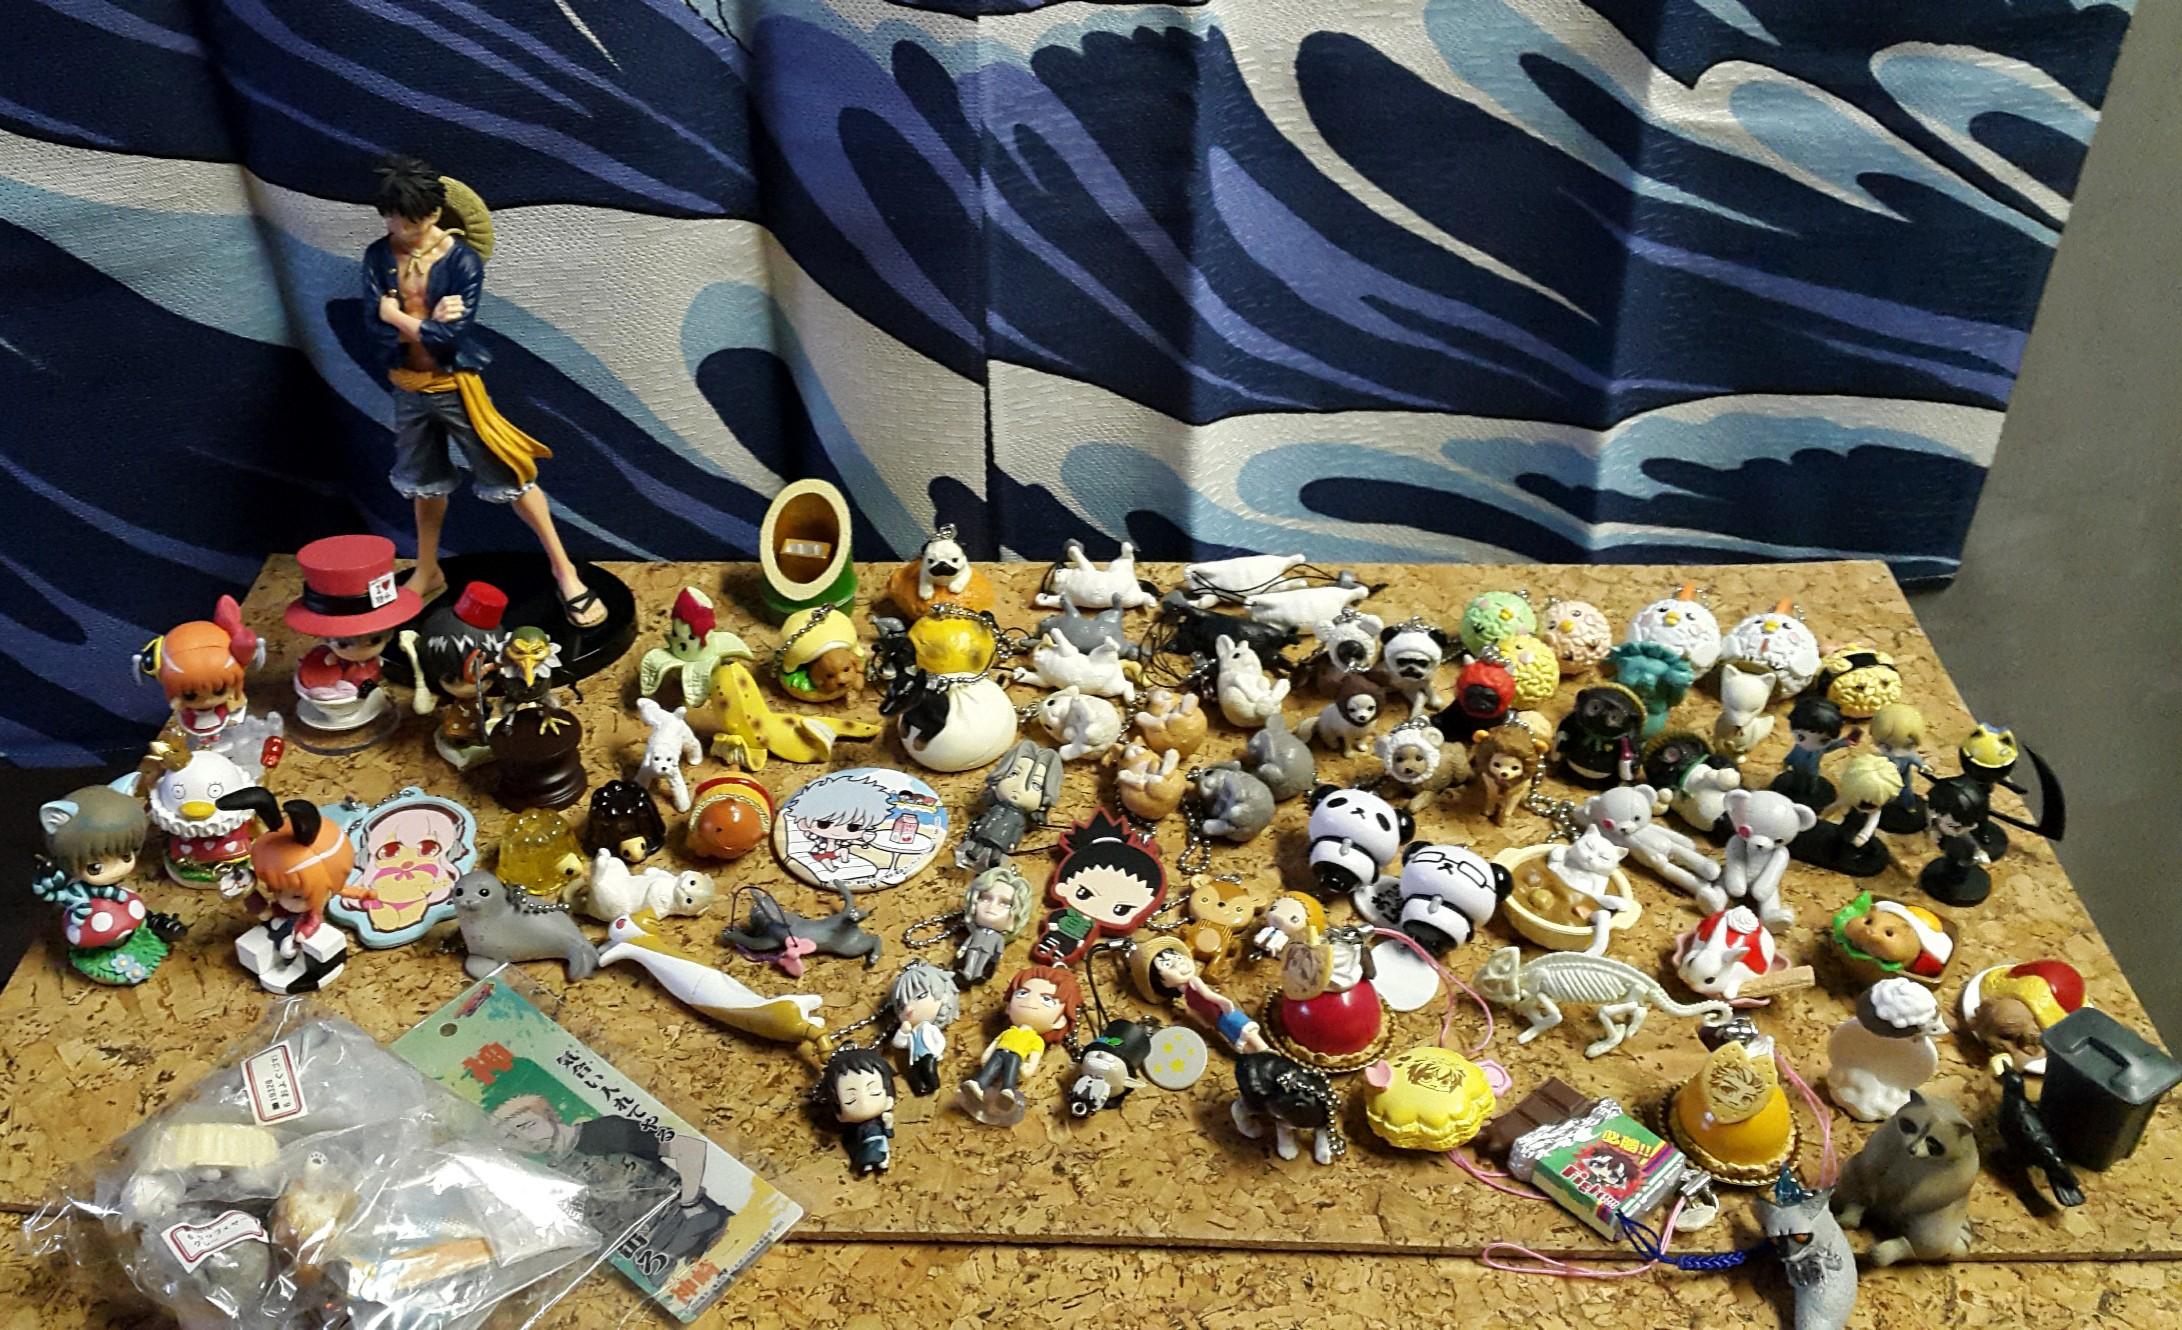 gintama kagura megahouse charm strap one_piece kuroshitsuji banpresto monkey_d._luffy bandai kamui badge orihara_izaya heiwajima_shizuo aoshima celty_sturluson swing d.gray-man ascii_media_works elizabeth movic sakata_gintoki sonico shueisha oda_eiichiro hakuouki_shinsengumi_kitan harada_sanosuke toudou_heisuke nagakura_shinpachi nitro_super_sonic rubber_strap takara_tomy_a.r.t.s hijikata_toushirou tiger_&_bunny toei_animation naruto_shippuuden okita_sougo petit_chara_land beelzebub ryuugamine_mikado kida_masaomi nara_shikamaru shimura_shinpachi shimura_otae charamate d.gray-man_chara_mate sennen_hakushaku reever_wenham kondou_isami lau toujou_hidetora kishimoto_masashi narita_ryougo yuri_petrov sorachi_hideaki inc. kuroko_no_basket tiger_&_bunny_real_face_swing_2 deformed_mini hakuouki_ssl_~sweet_school_life~ ishida_sui tokyo_ghoul fuji_television_network super_sonico_w_rubber_mascot_chiratto hakuouki_ssl_white_day_sweets_collection kuroshitsuji_phantom_swing one_piece_hasamare_strap yomo_renji durarara!!x2 haizaki_shougo fortune_badge tokyo_ghoul_sd_figure_swing_collection fortune_badge_-_gintama_yorozuya_calendar_uranai_hen naruto_capsule_rubber_mascot petit_chara_land_gintama_fushigi_no_kuni_no_gintama-san_jounetsu_no_red_rouge jeans_freak kuroko_no_basket_swing_off_shot_edition_3 deformed_mini_beelzebub desktop_figure durarara!!×2__desktop_figure